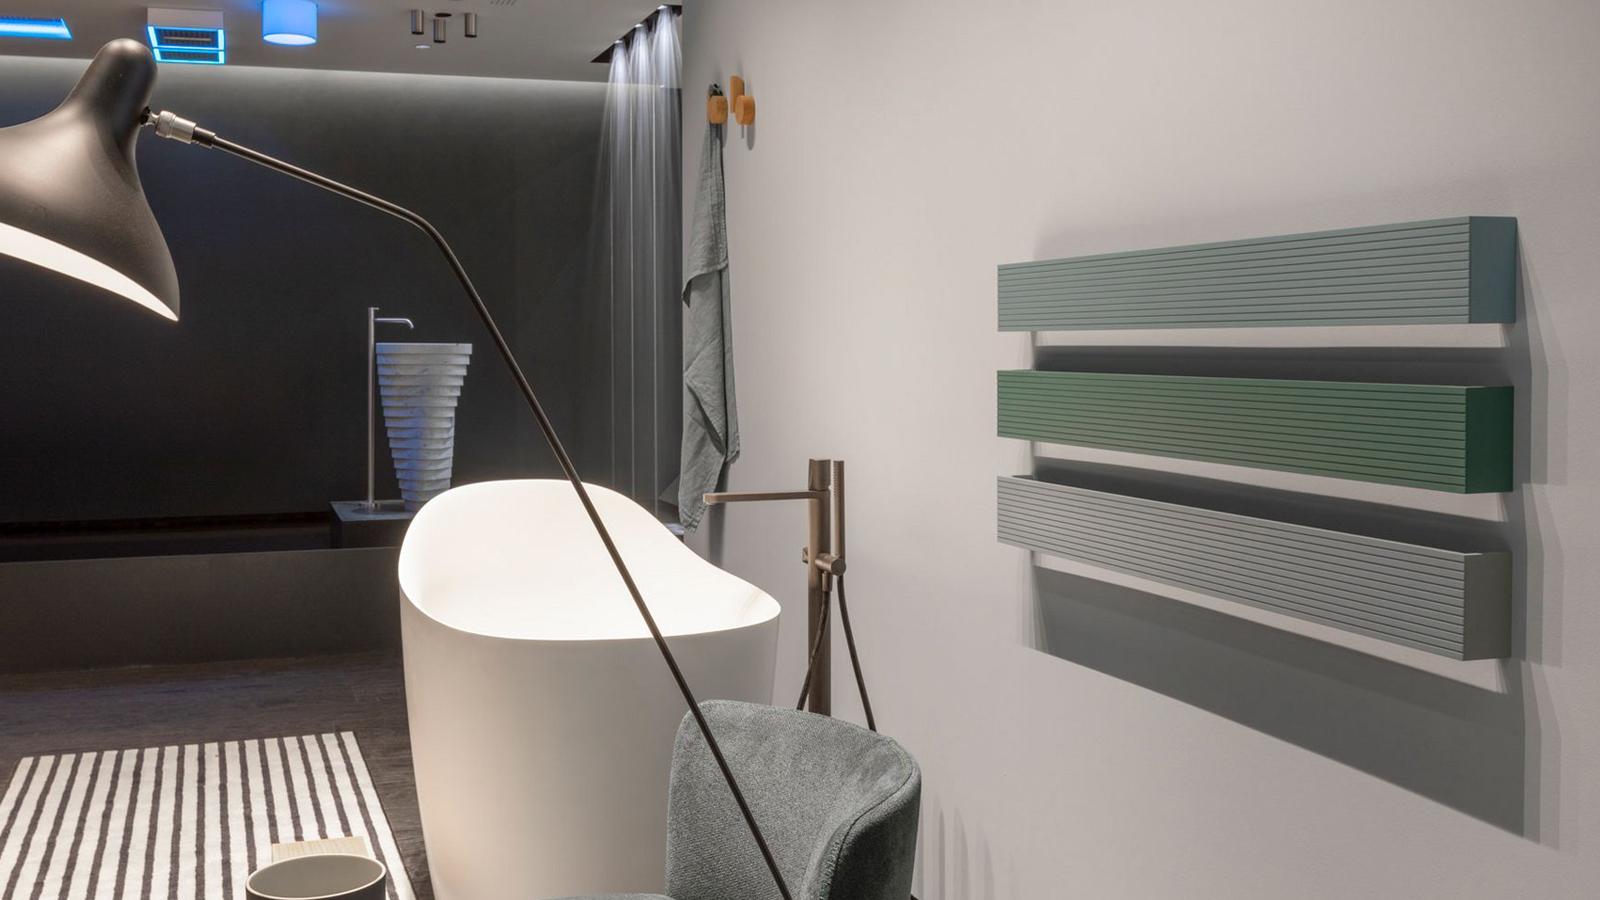 A Stecca geometrikus egyszerűségének köszönhetően szinte bármely fürdőszobai térhez képes illeszkedni. A több színben kapható alumínium törölközőmelegítő és tartó a mindennapi használat körforgásának részévé válik. A longitudinális elem a tiszta funkció és a nemes egyszerűség megtestesítője. Más fürdőszobai elemekkel párbeszédbe állítható, párhuzamos elrendezés esetén harmóniát, merőleges, hosszanti elemekkel párosítva játékosságot fejez ki.